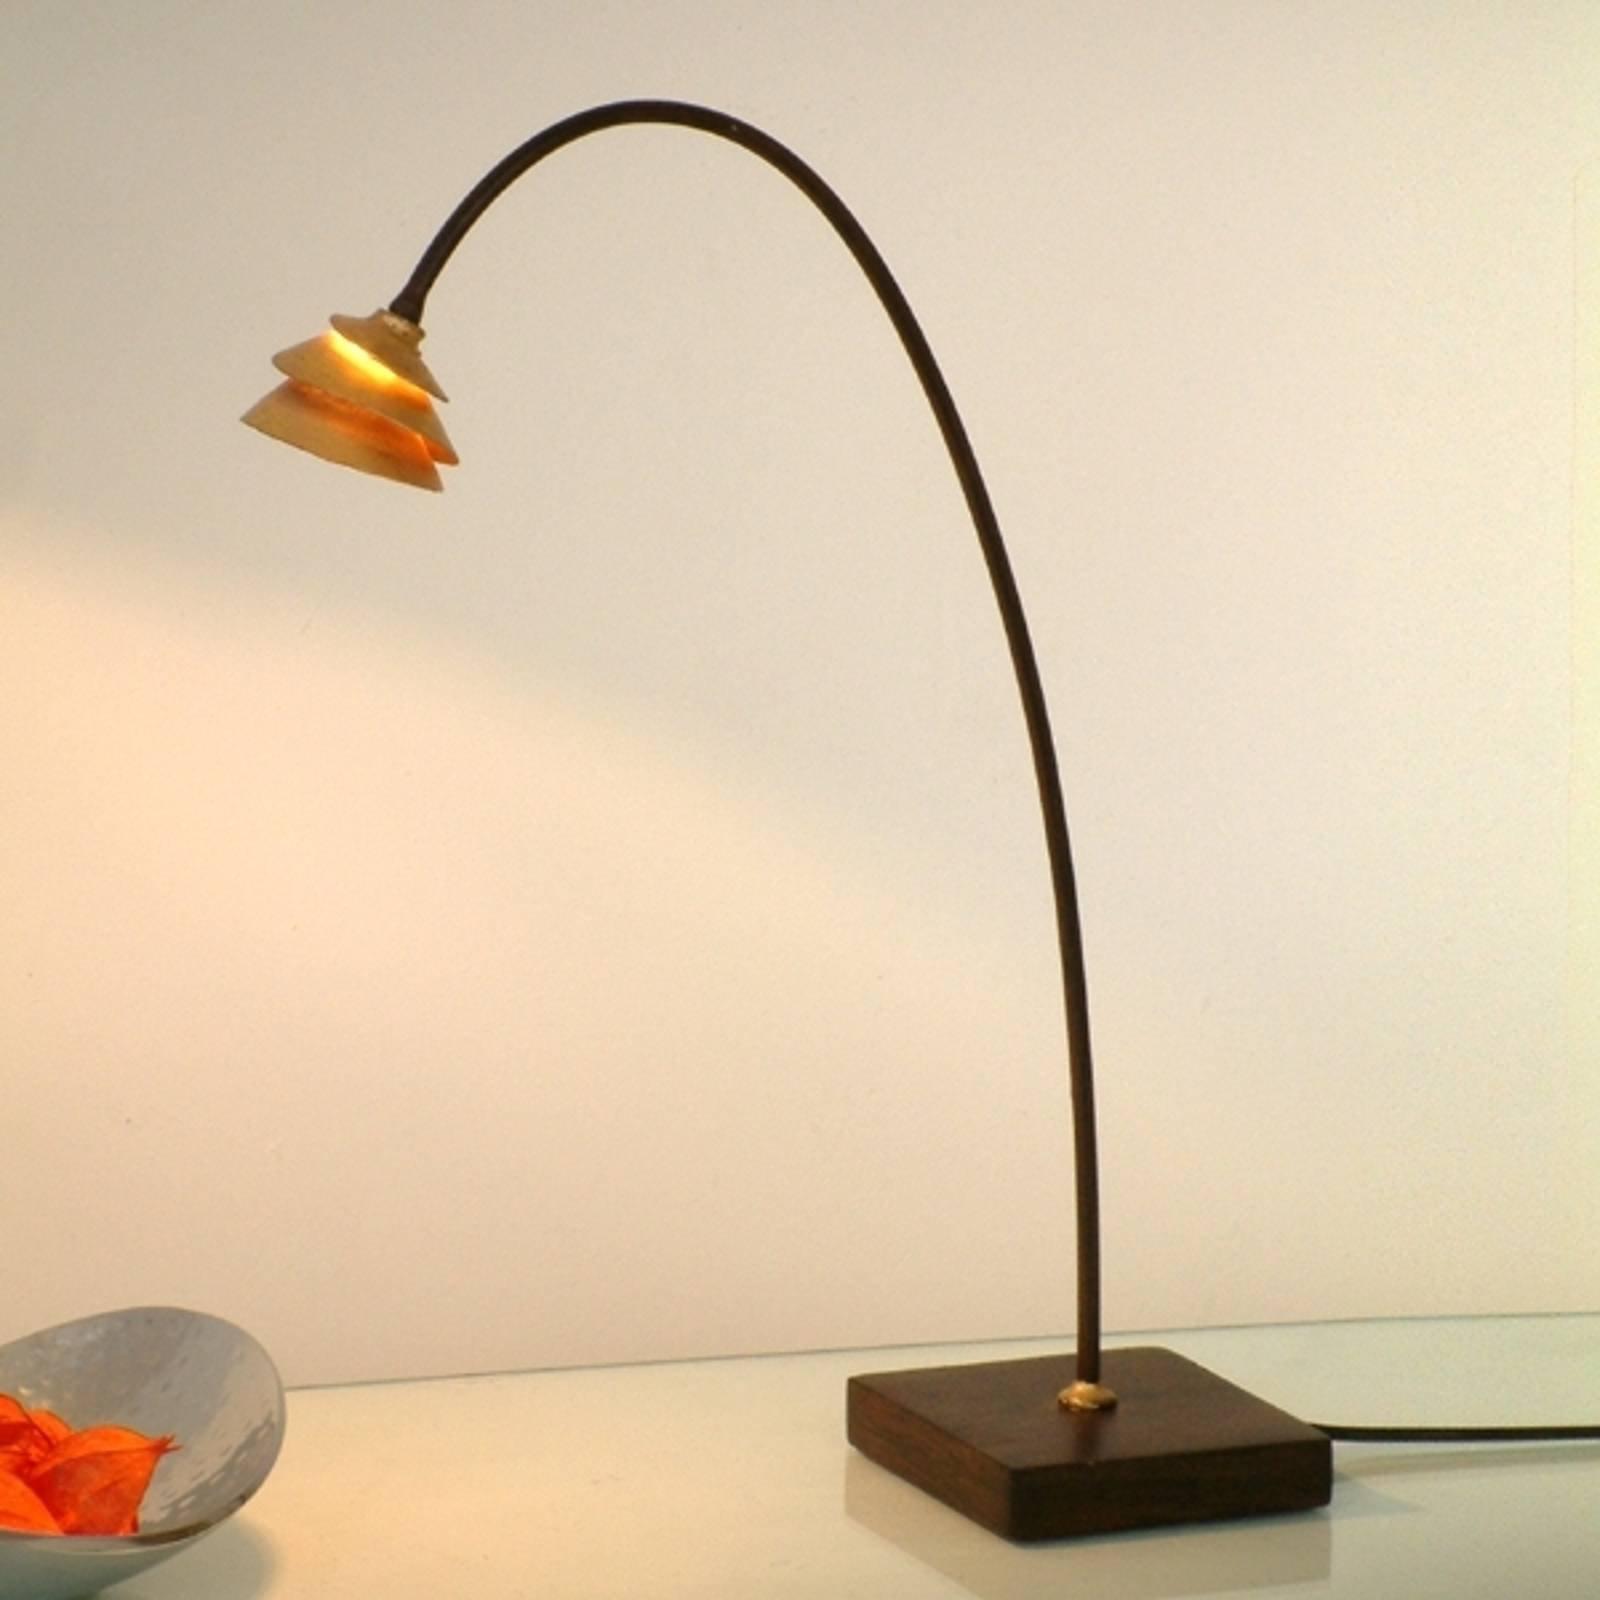 Elegant SNAIL bordlampe av jern, brun gull